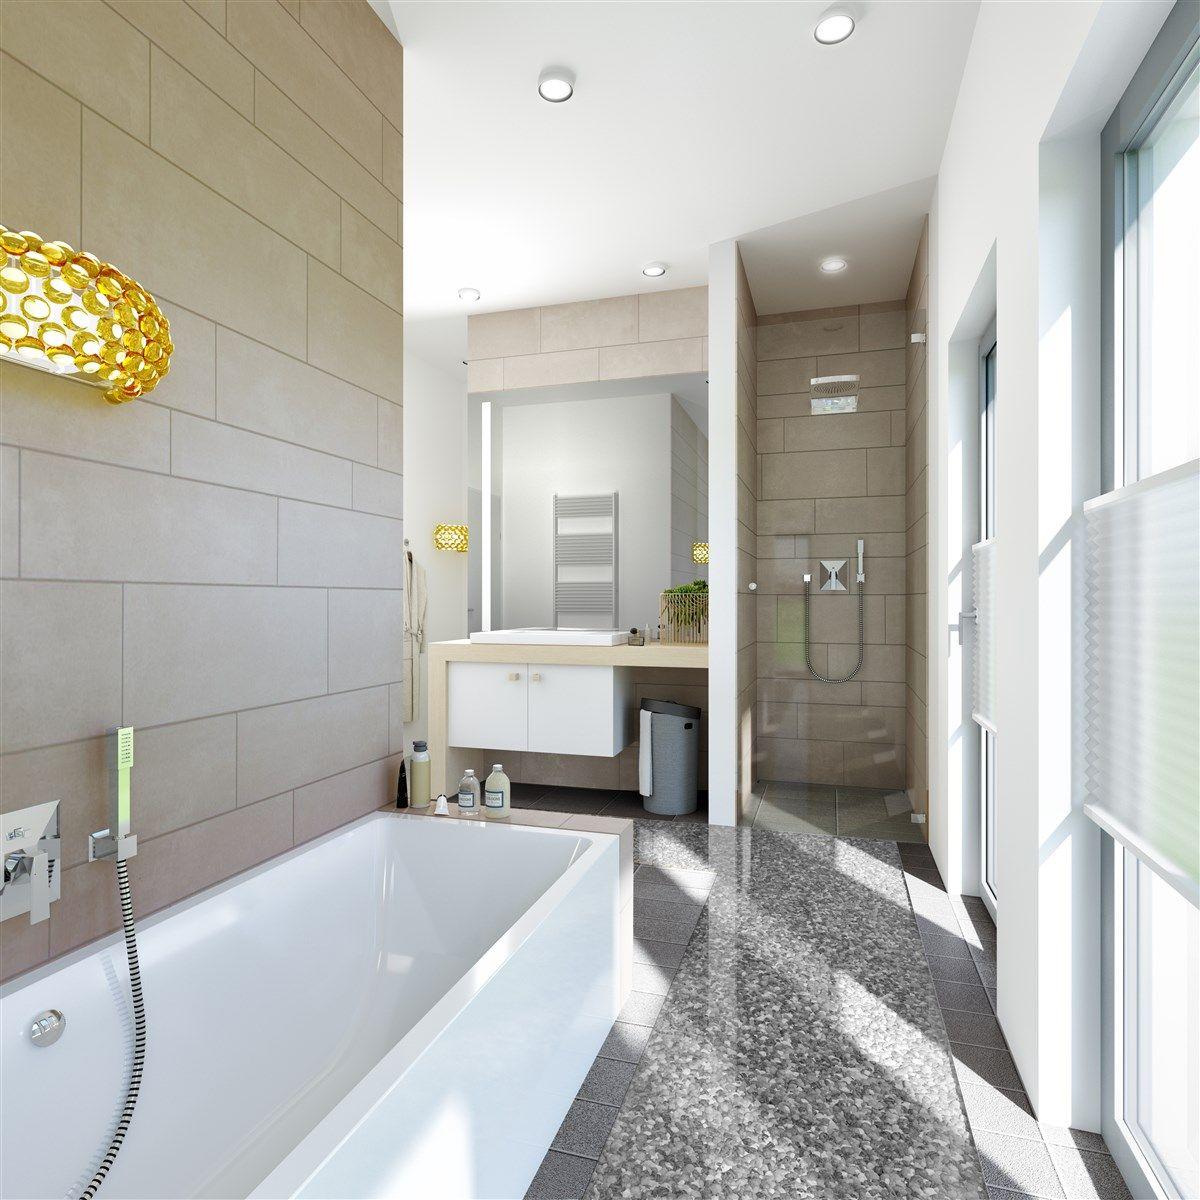 Eine Grosse Fensterfront Im Bad Mit Sichtschutz Auf Der Richtigen